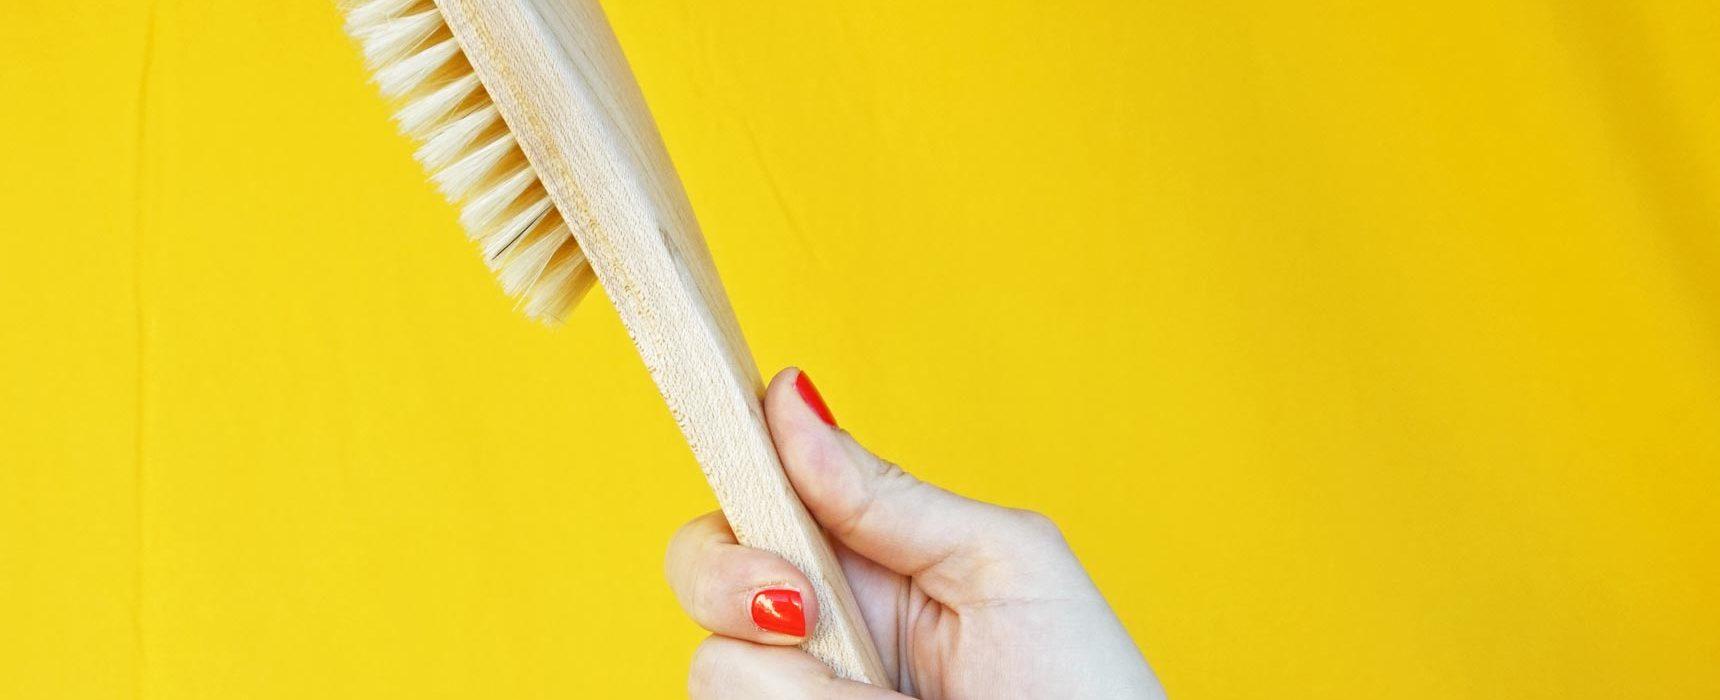 www.detail-verliebt.de: Bürstenmassage ist einfach, günstig, schnell gemacht und hat viele Vorteile: entgiftet, verbesserte Durchblutung und wirkt sich positiv auf die Psyche aus.